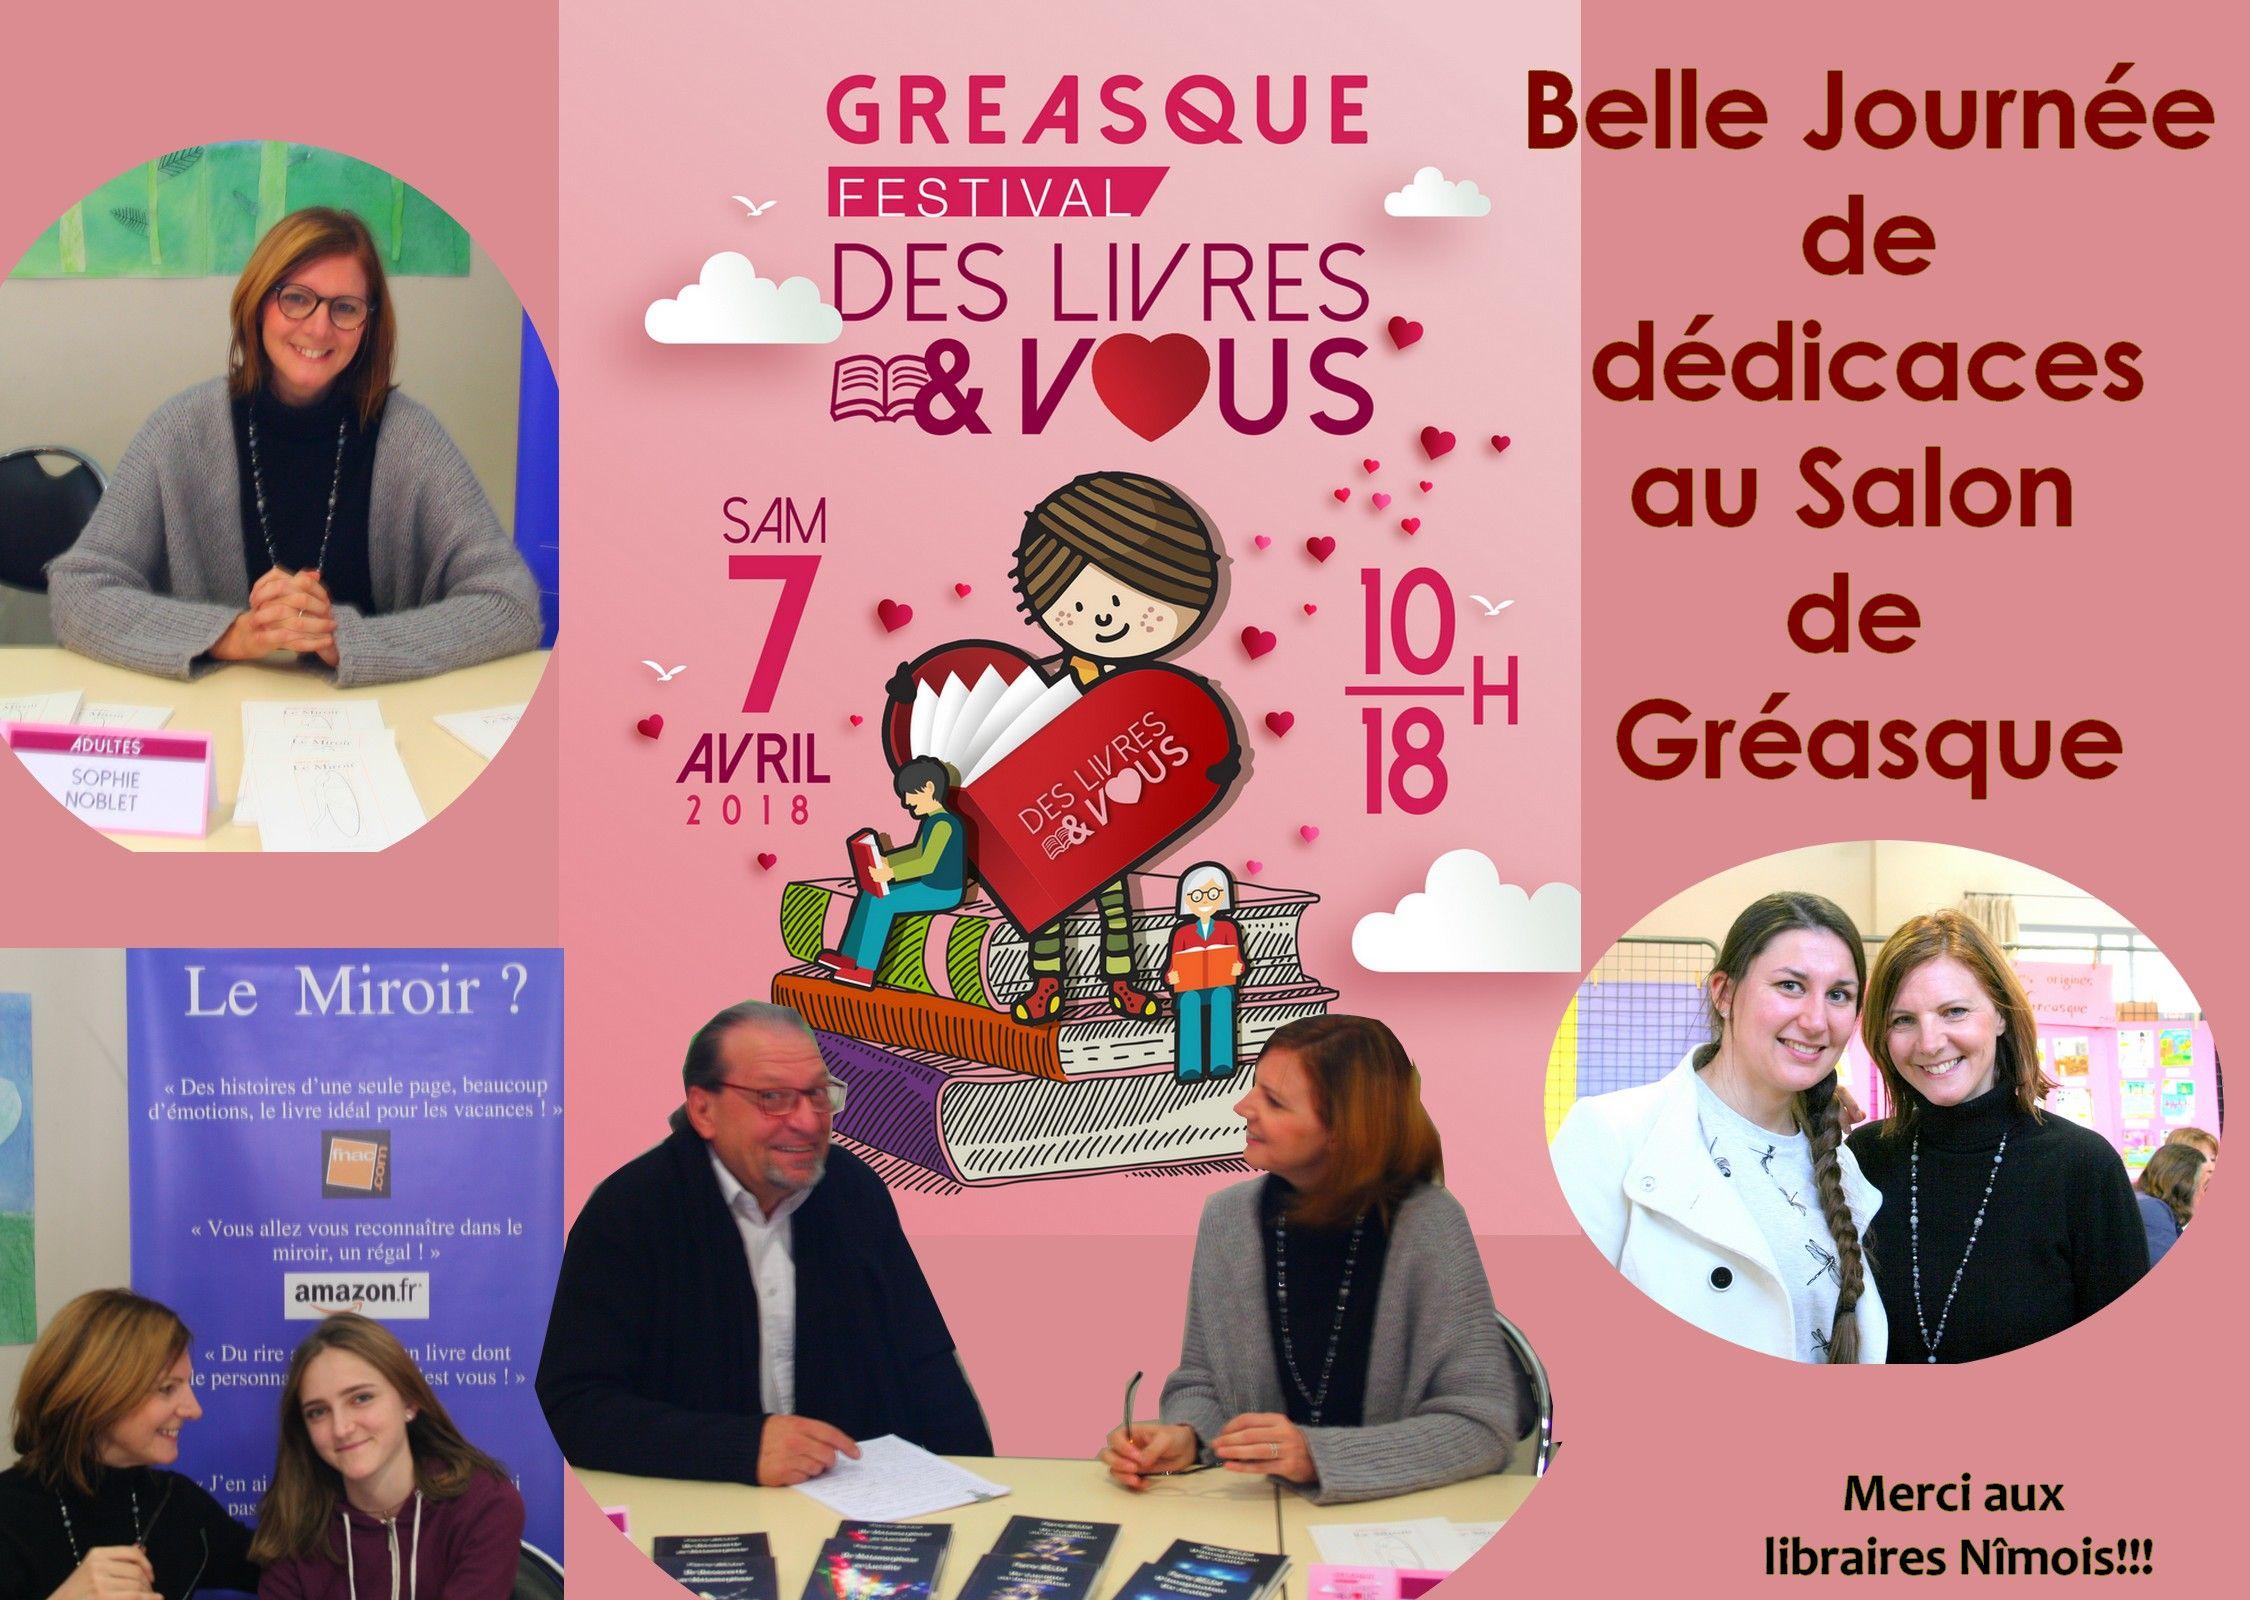 Epingle Par Sophie Noblet Nouvelle Vie Sur Mon Livre Livre Festival Belle Journee